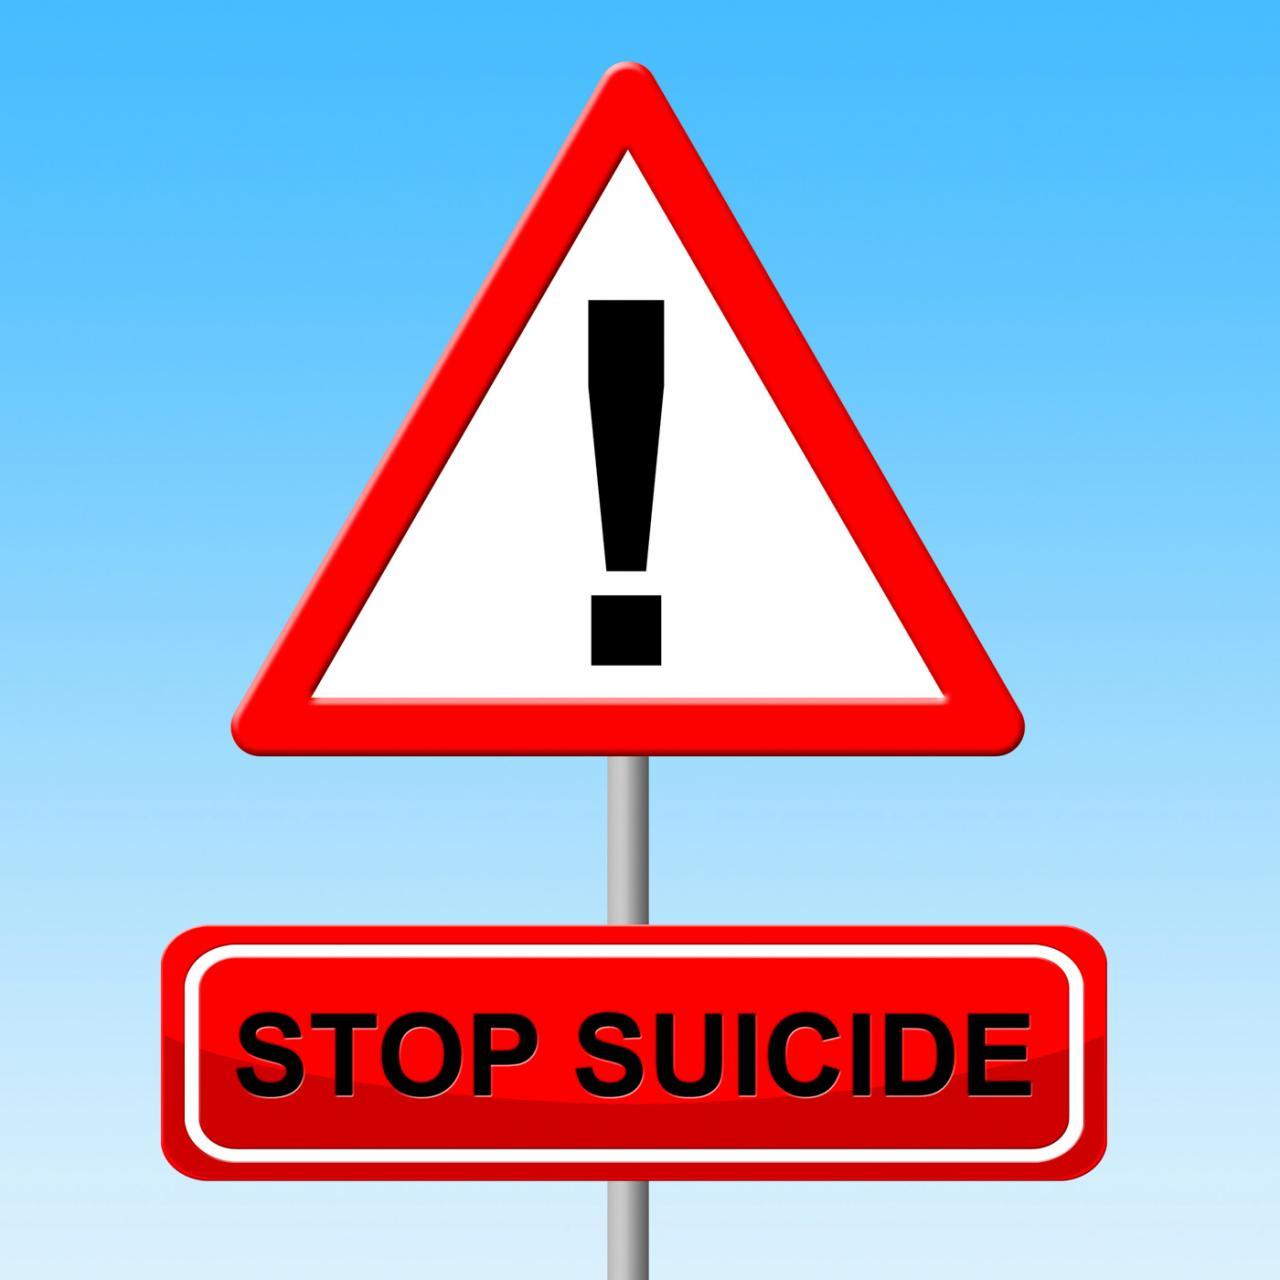 Як розпізнати суїцидальні настрої і попередити самогубство